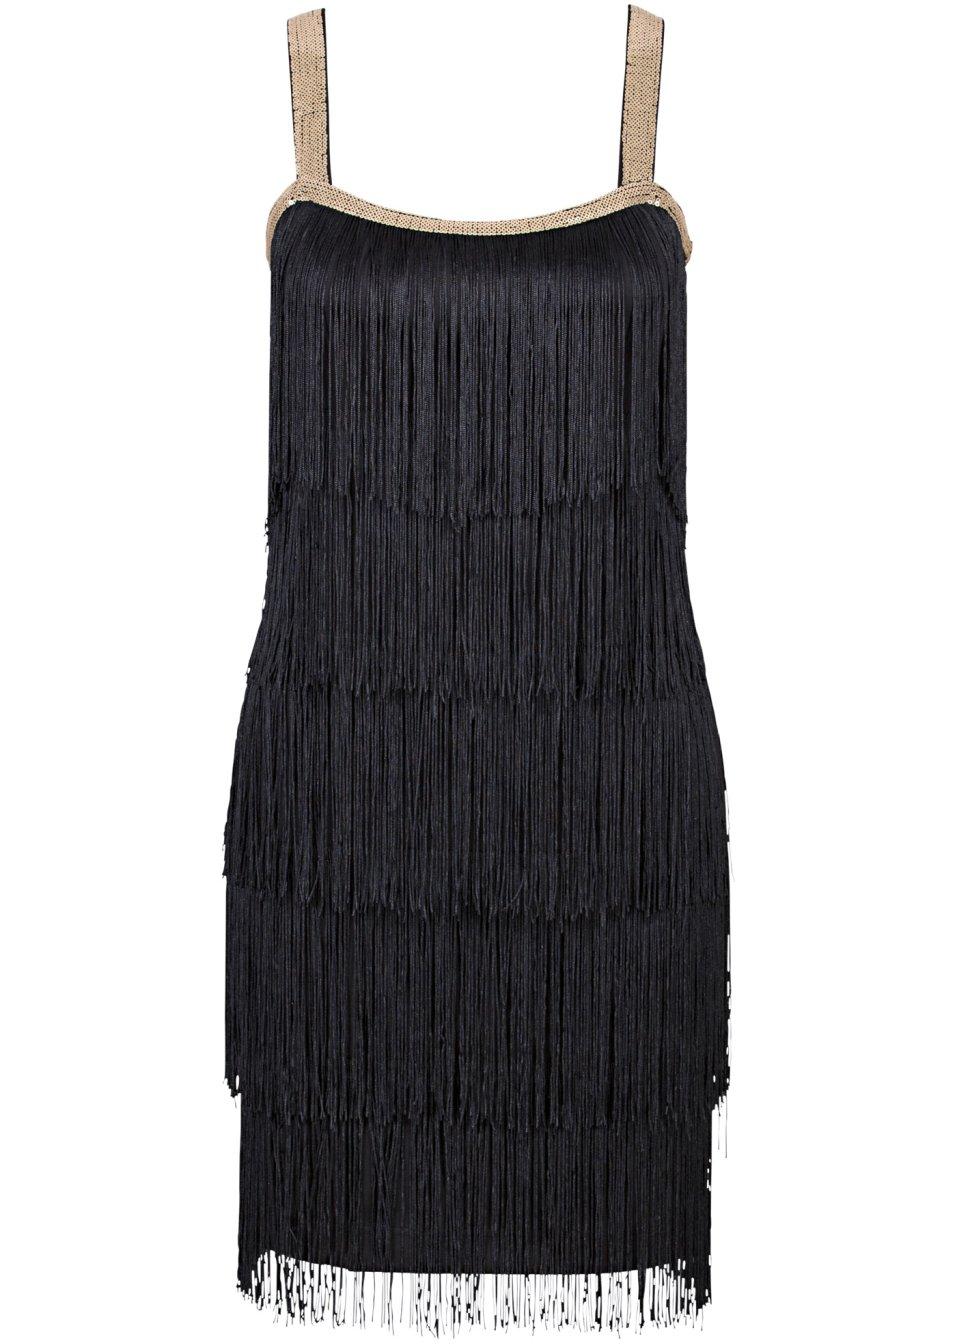 robe franges noir. Black Bedroom Furniture Sets. Home Design Ideas